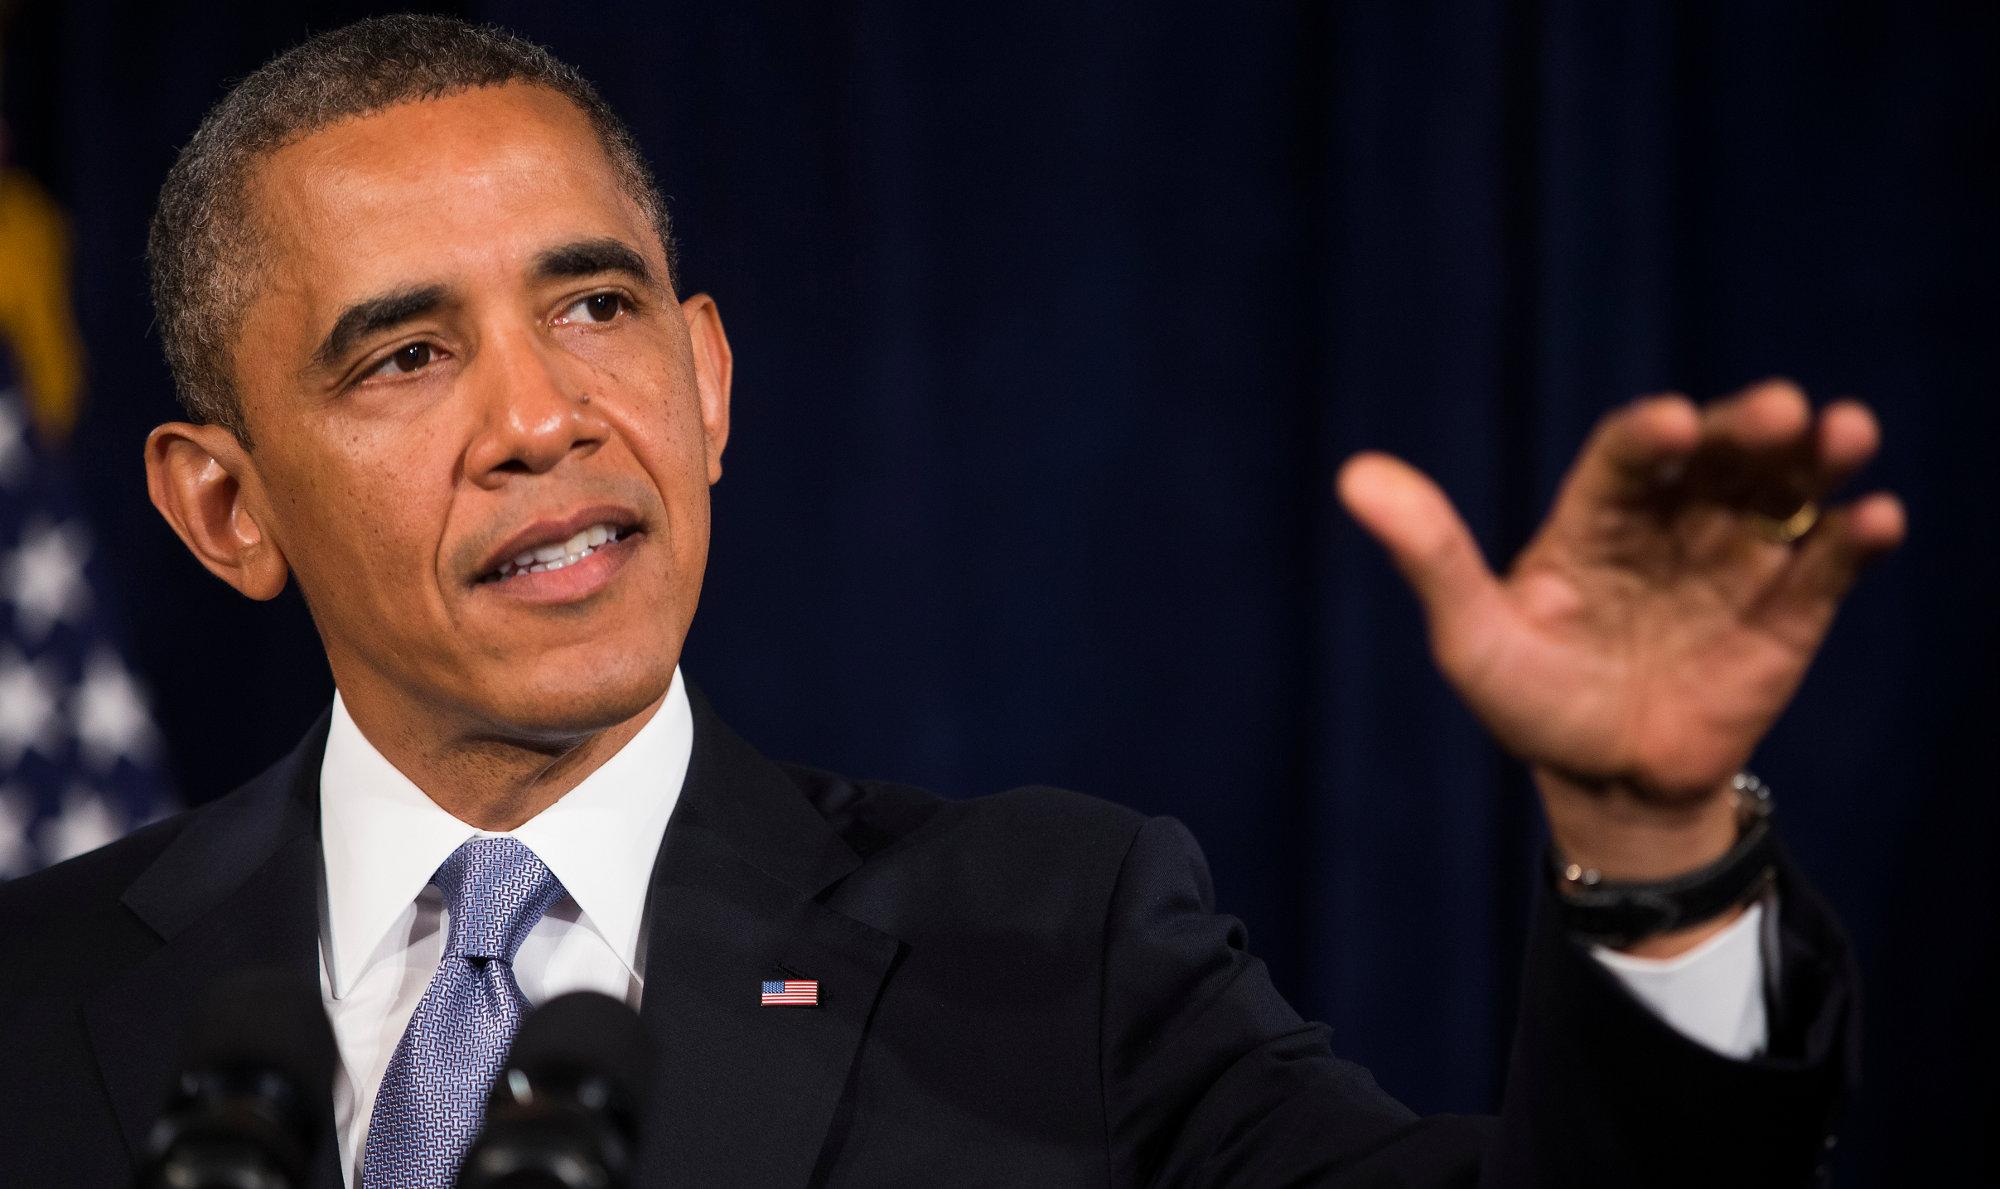 Ebola : Obama appelle le Congrès américain à débloquer un fonds de 6 milliards de dollars